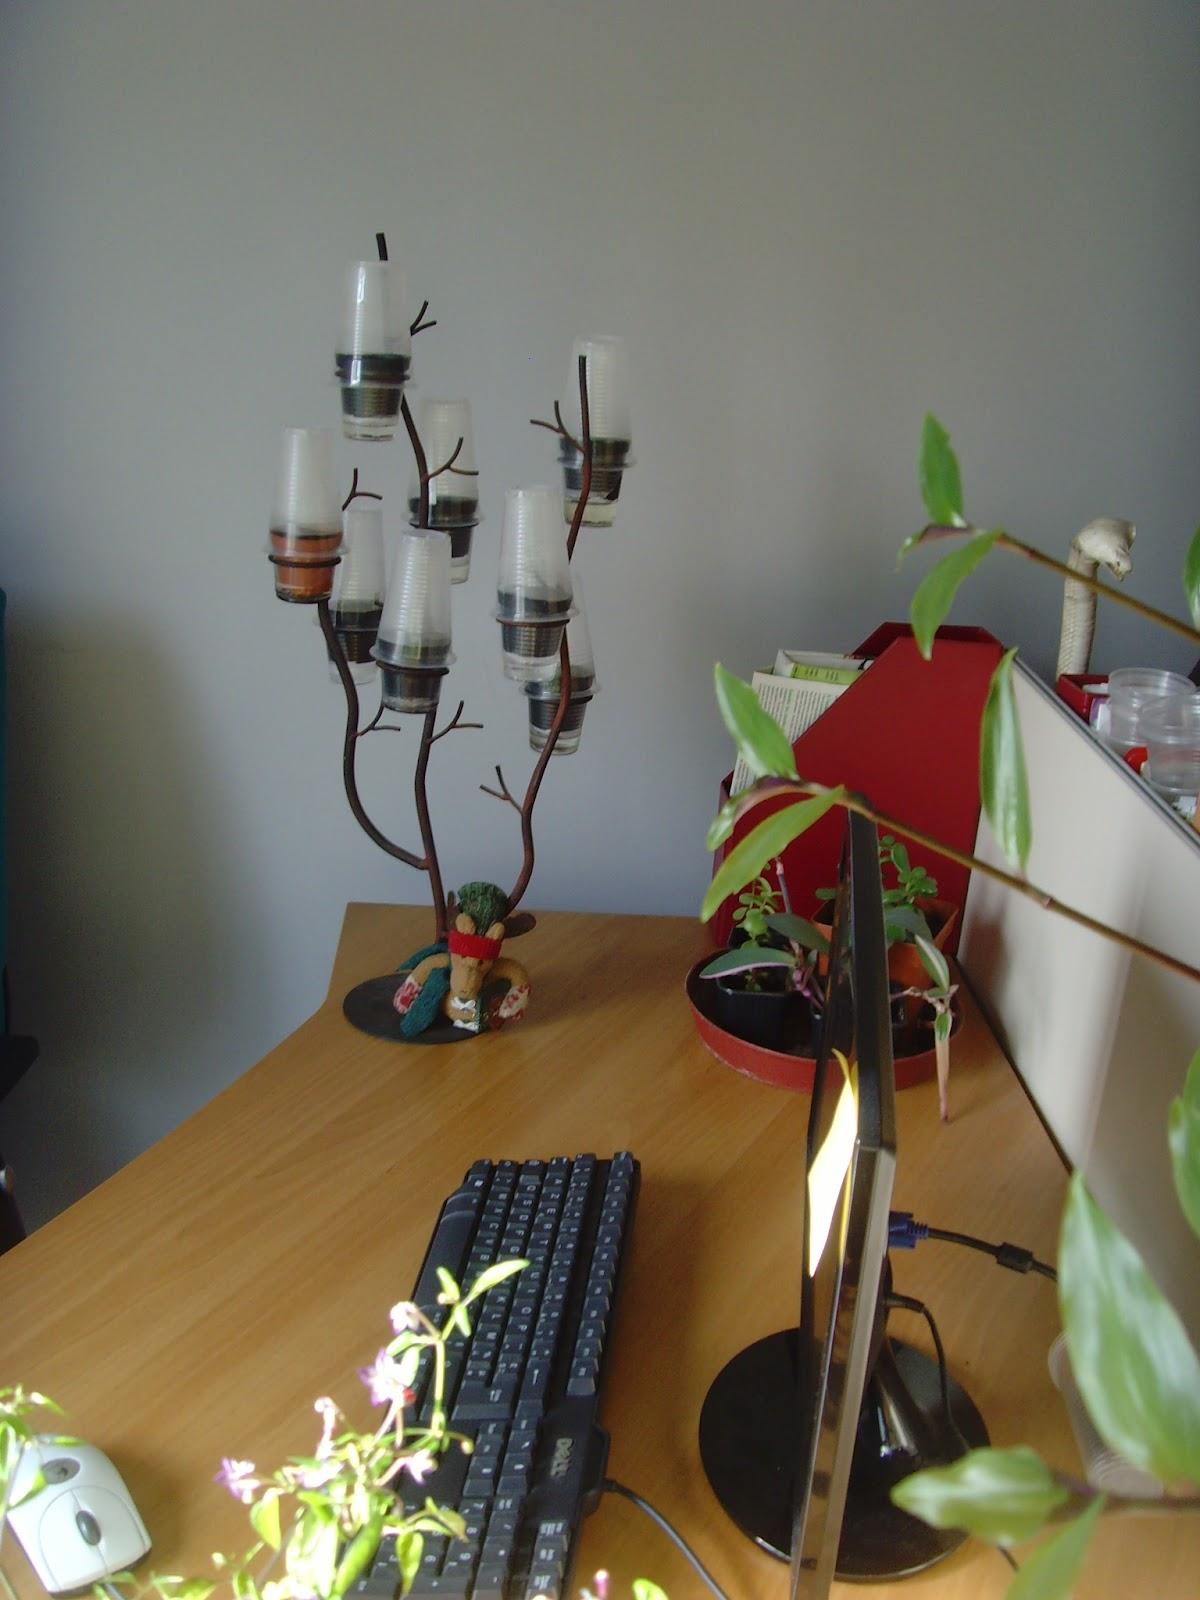 Les piments,le potager, les fleurs et plantes de biosyrphe: idée ...